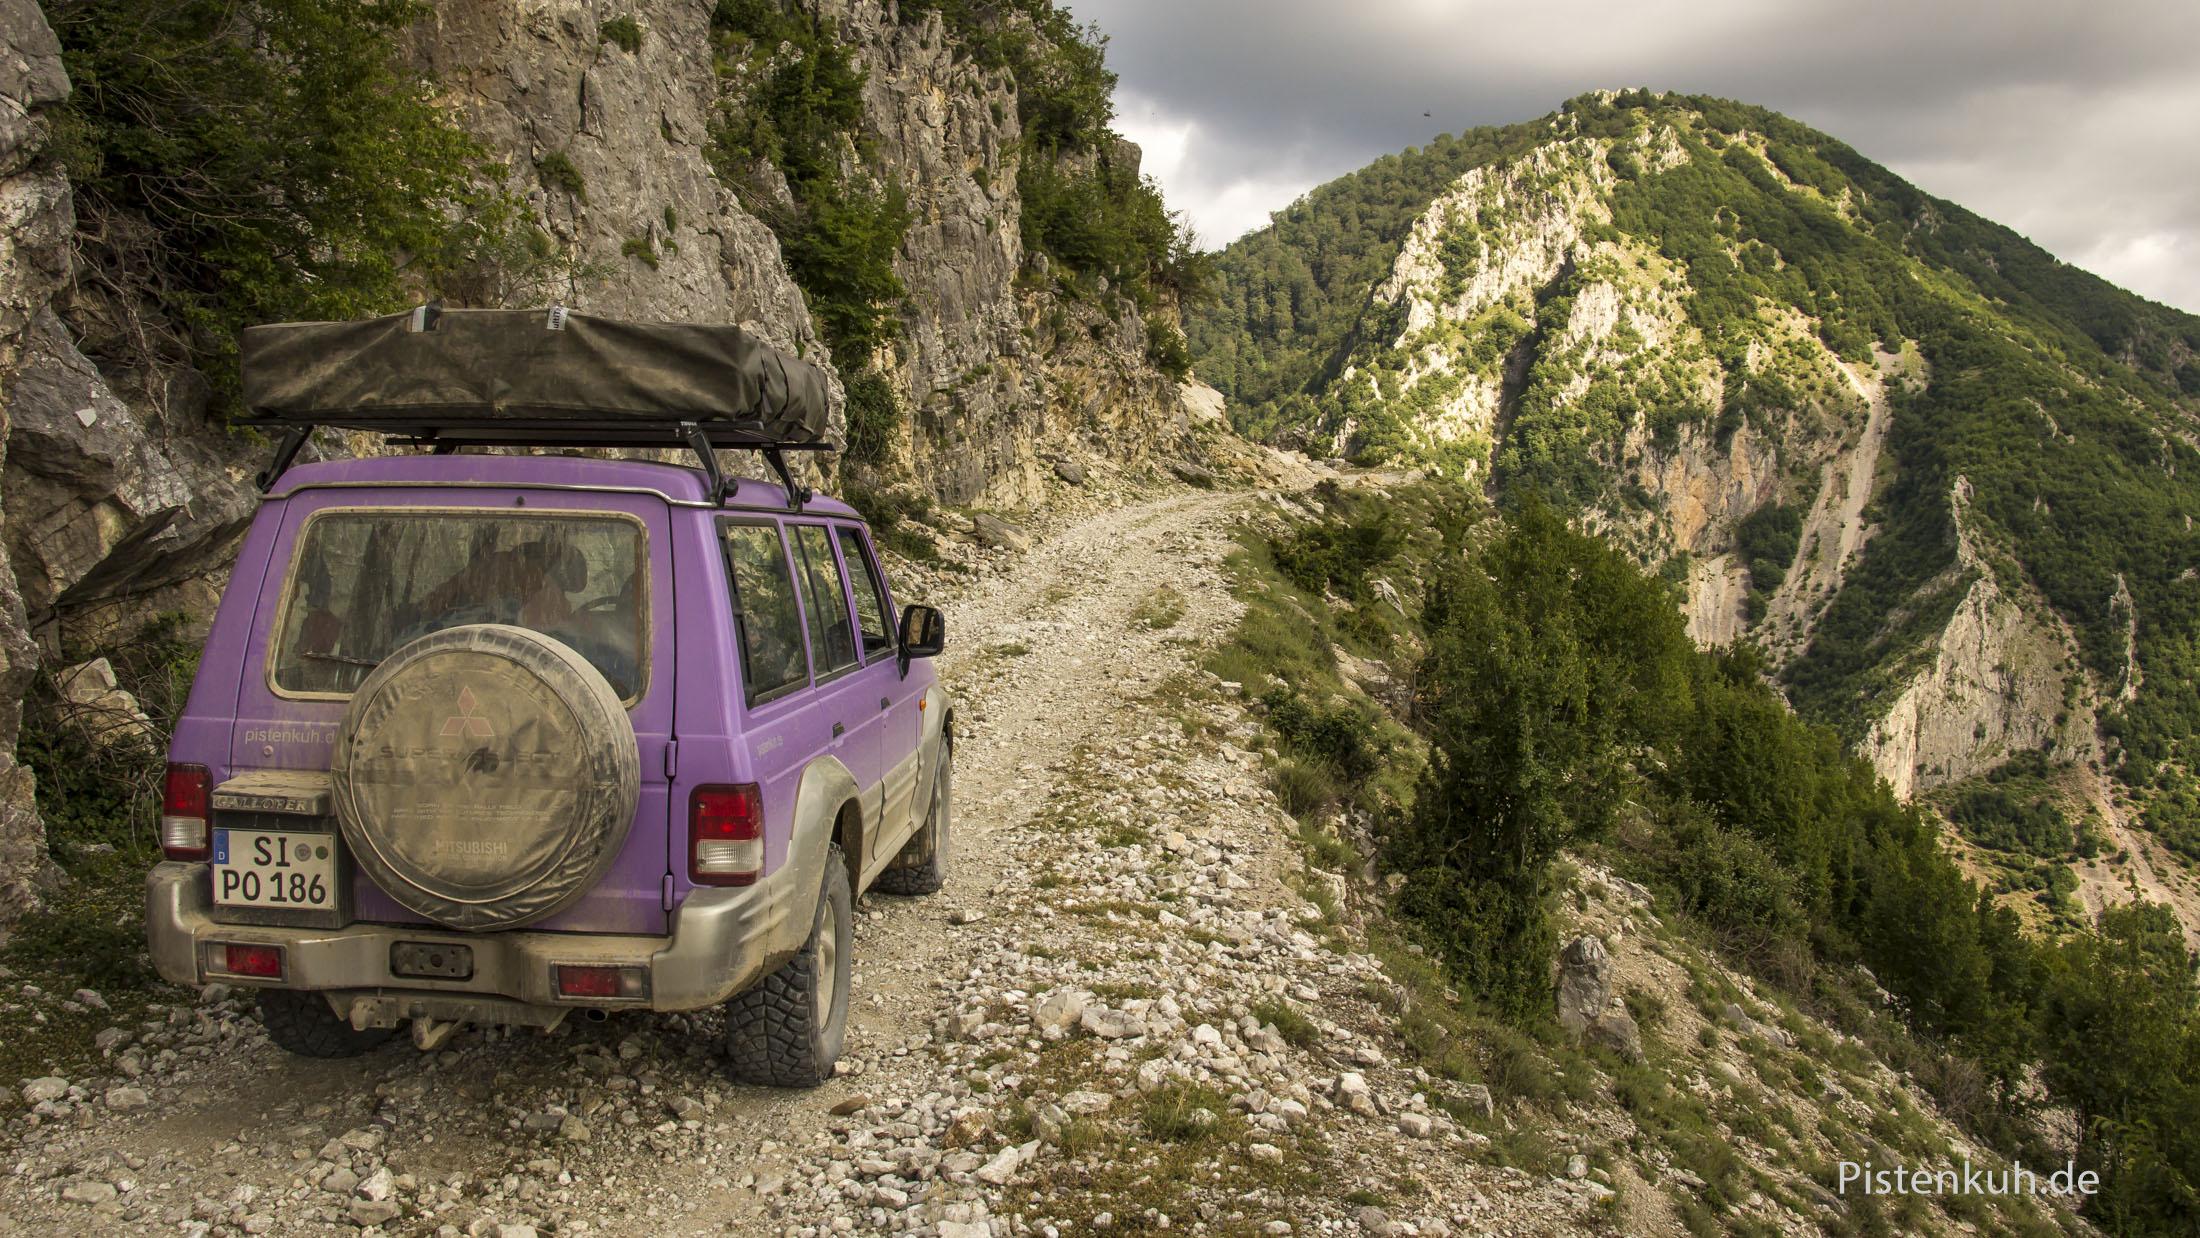 Über hunderte von Offroad-Kilometern fahren wir durch unberührte Landschaft